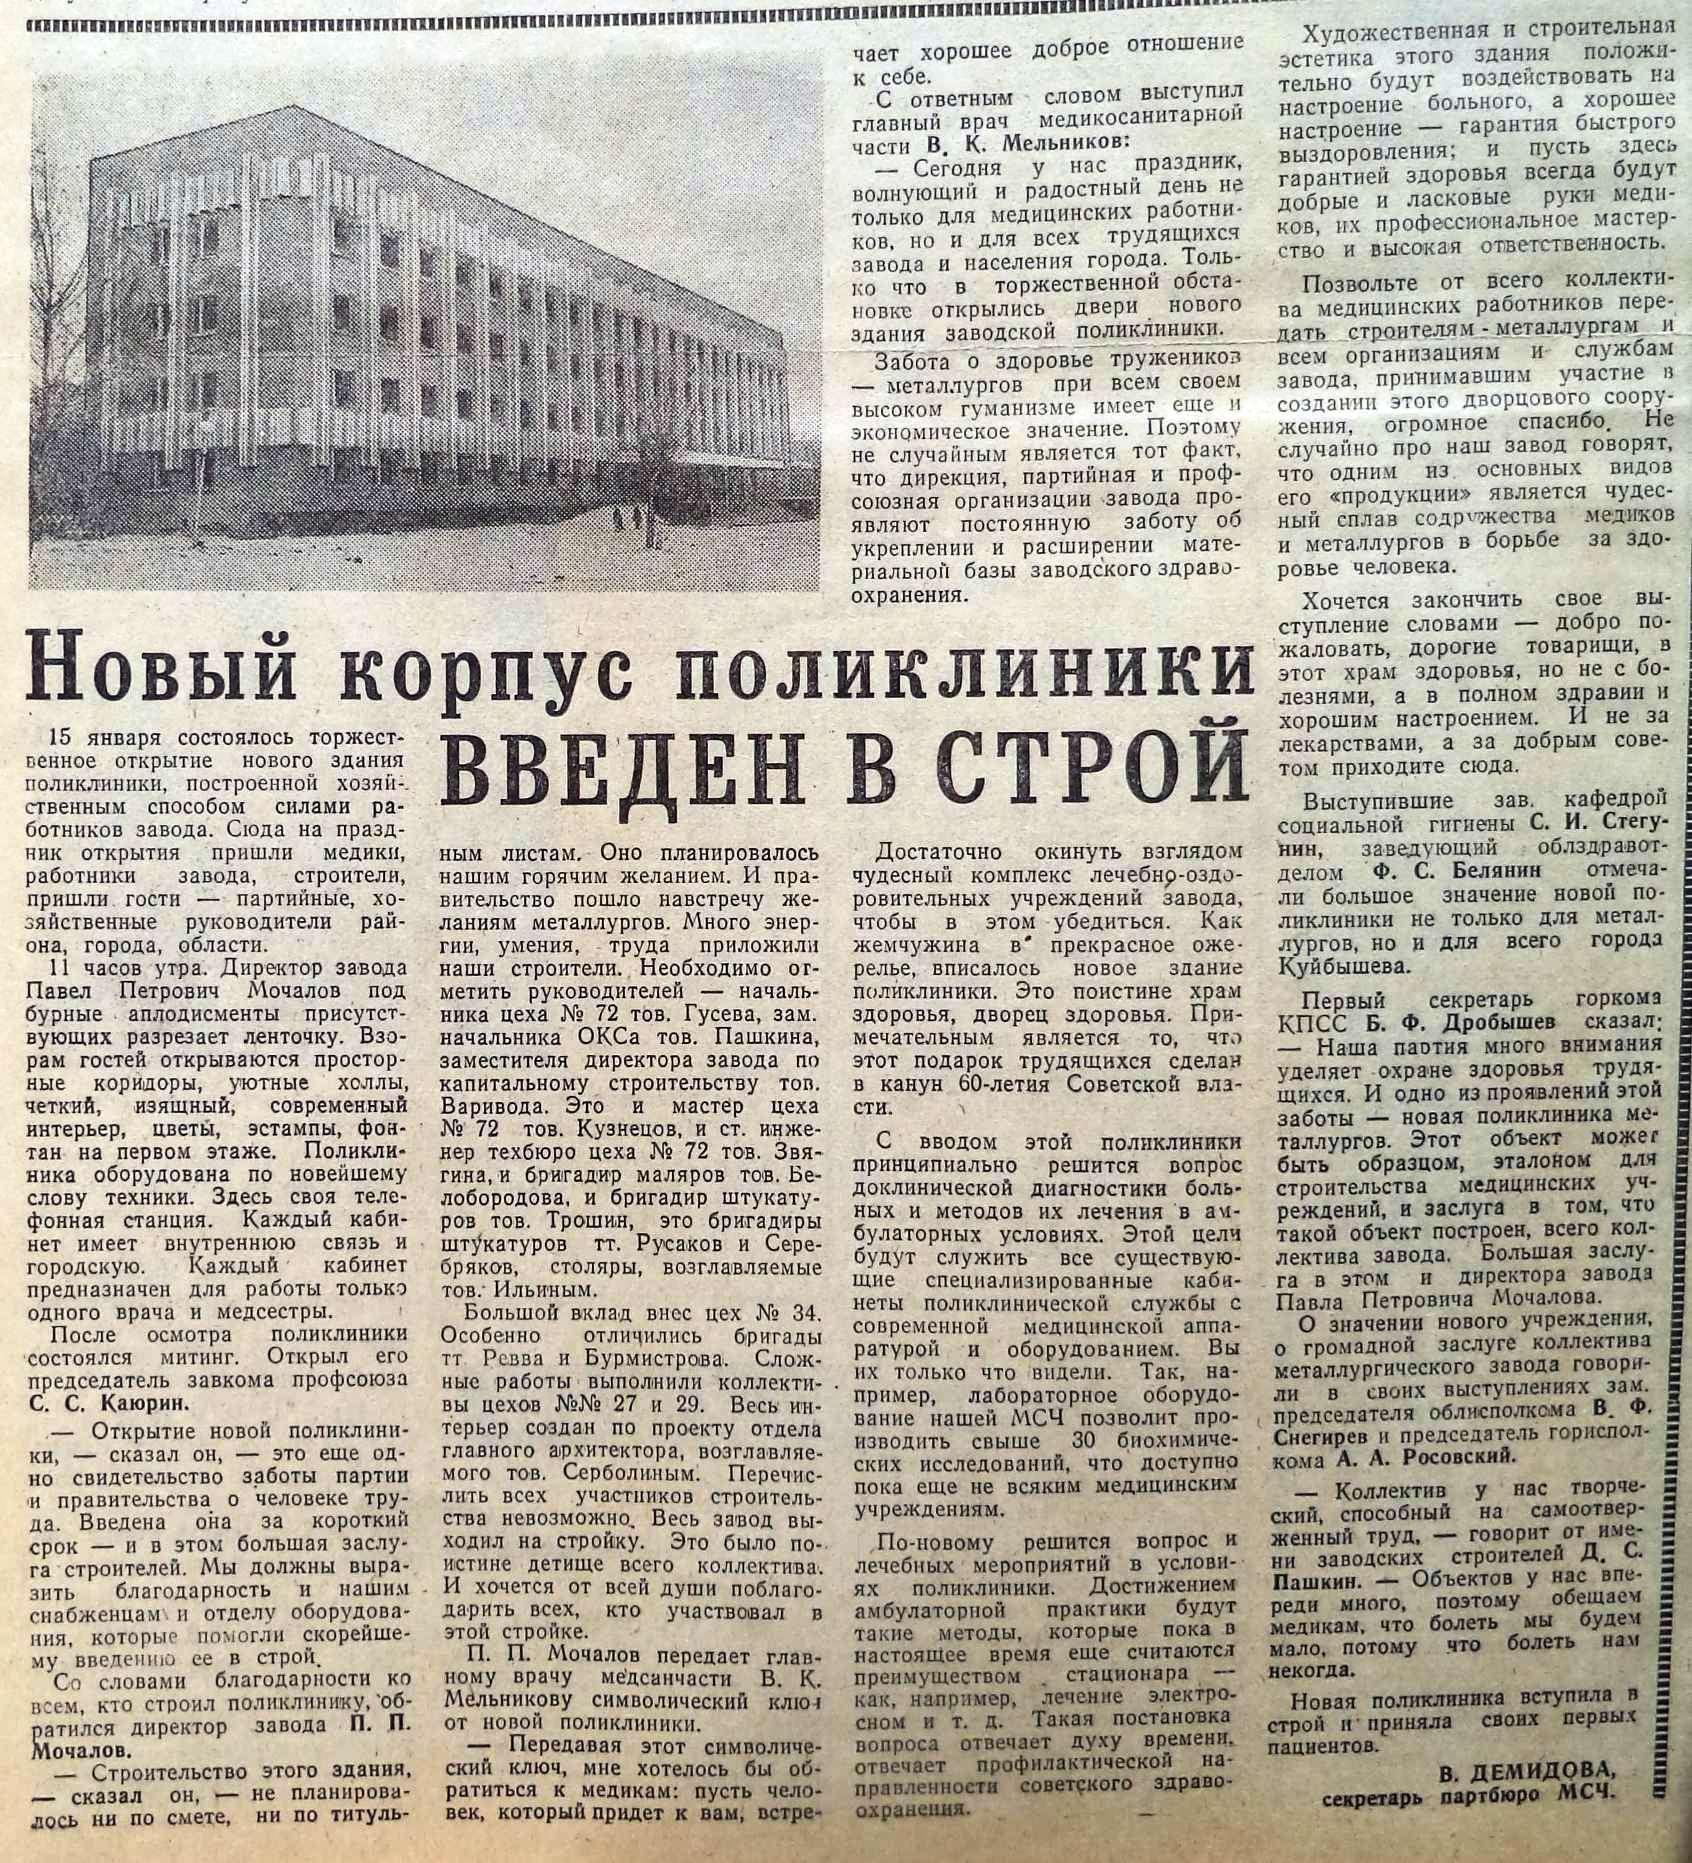 Строителей-ФОТО-21-Рабочий-1977-21 января-1